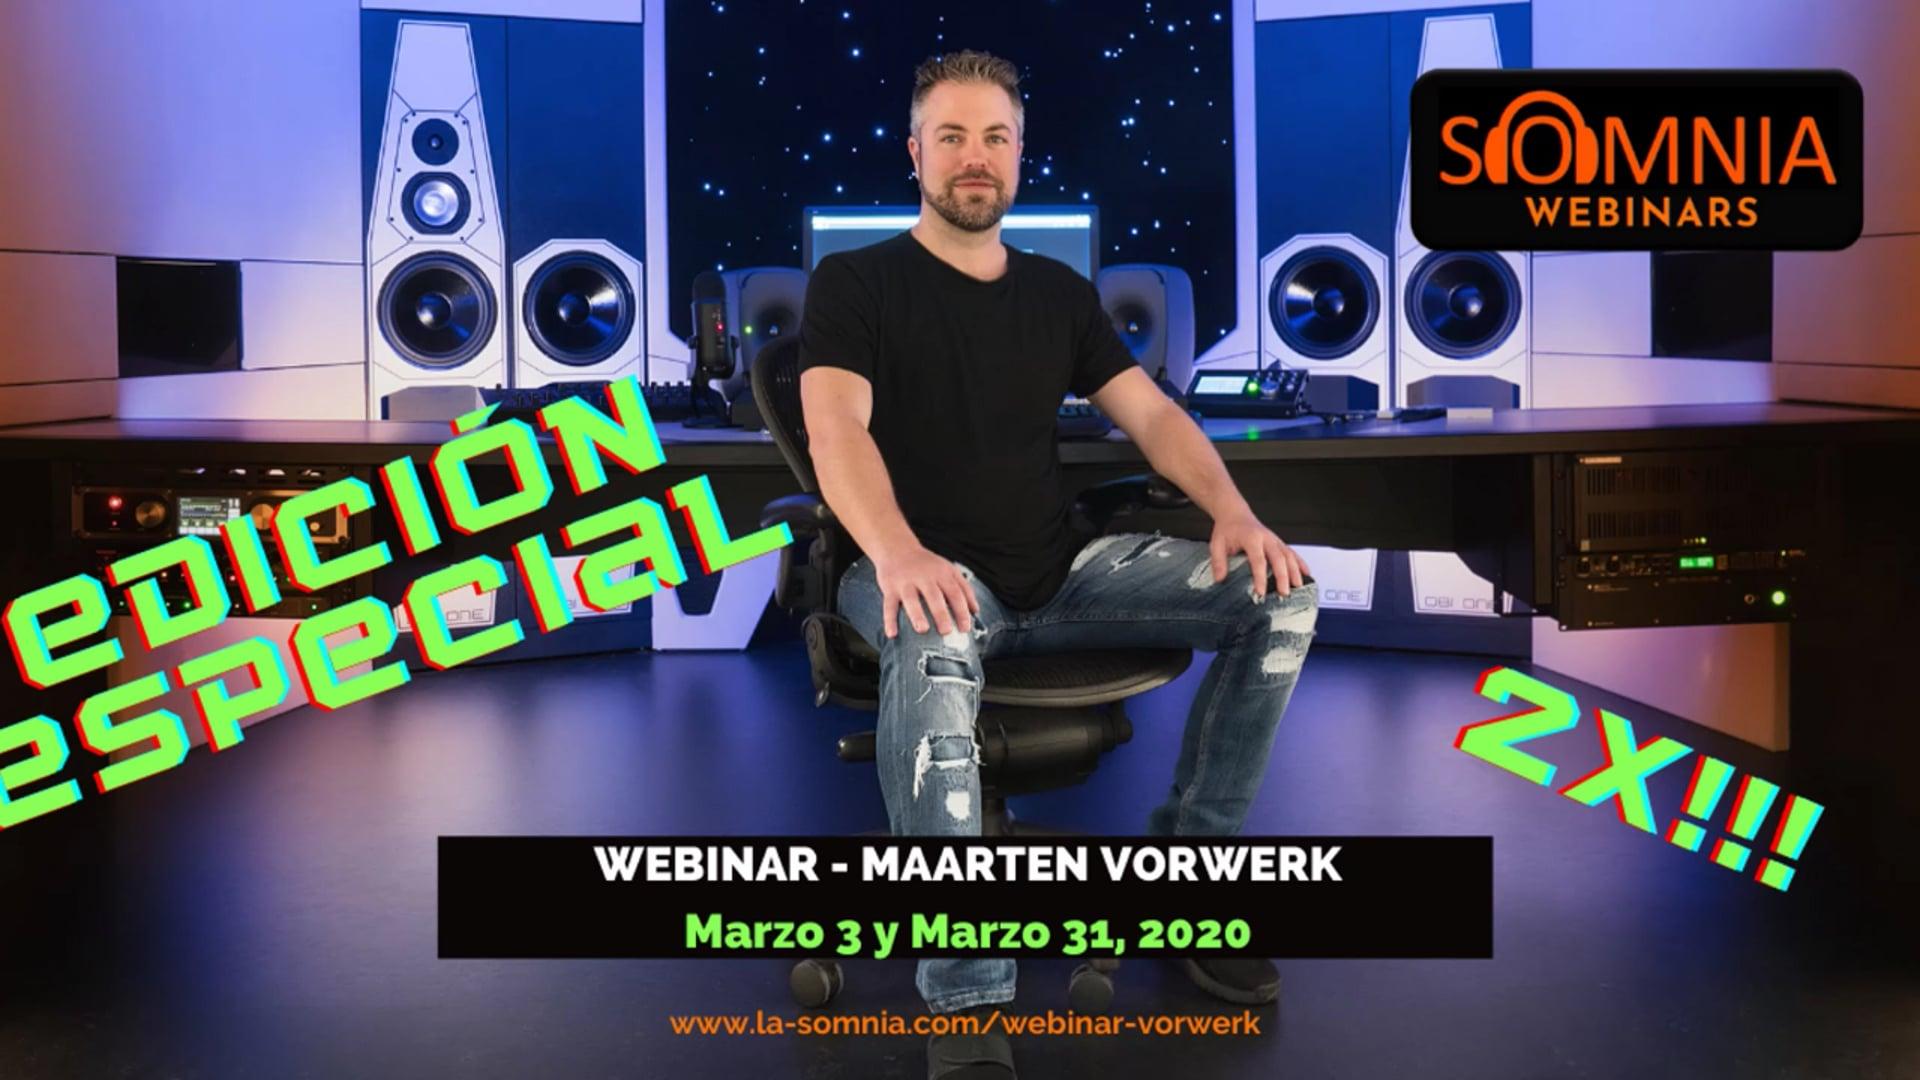 WEBINAR VORWERK - MAR 2021 #2